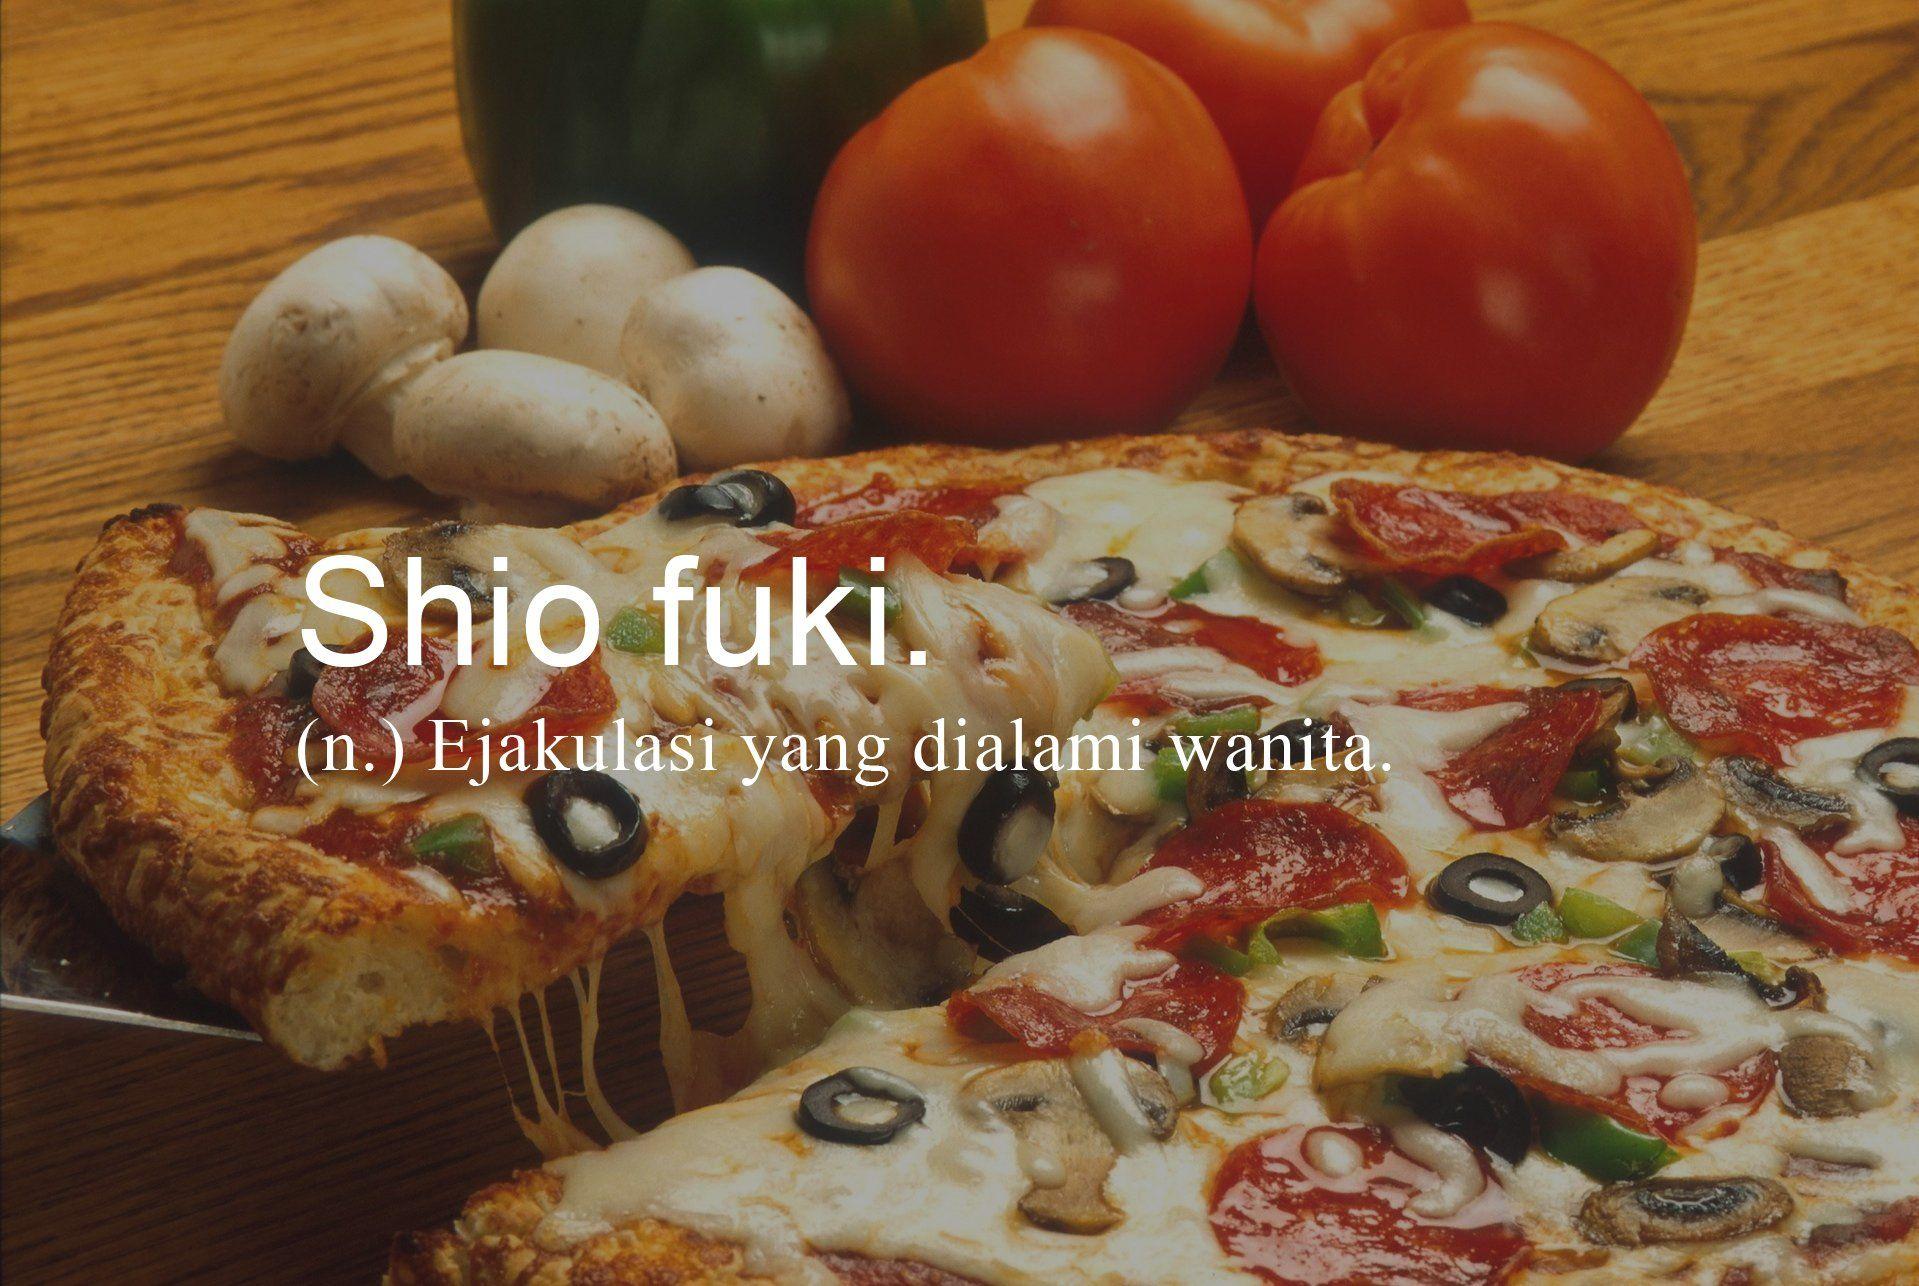 Shio fuki